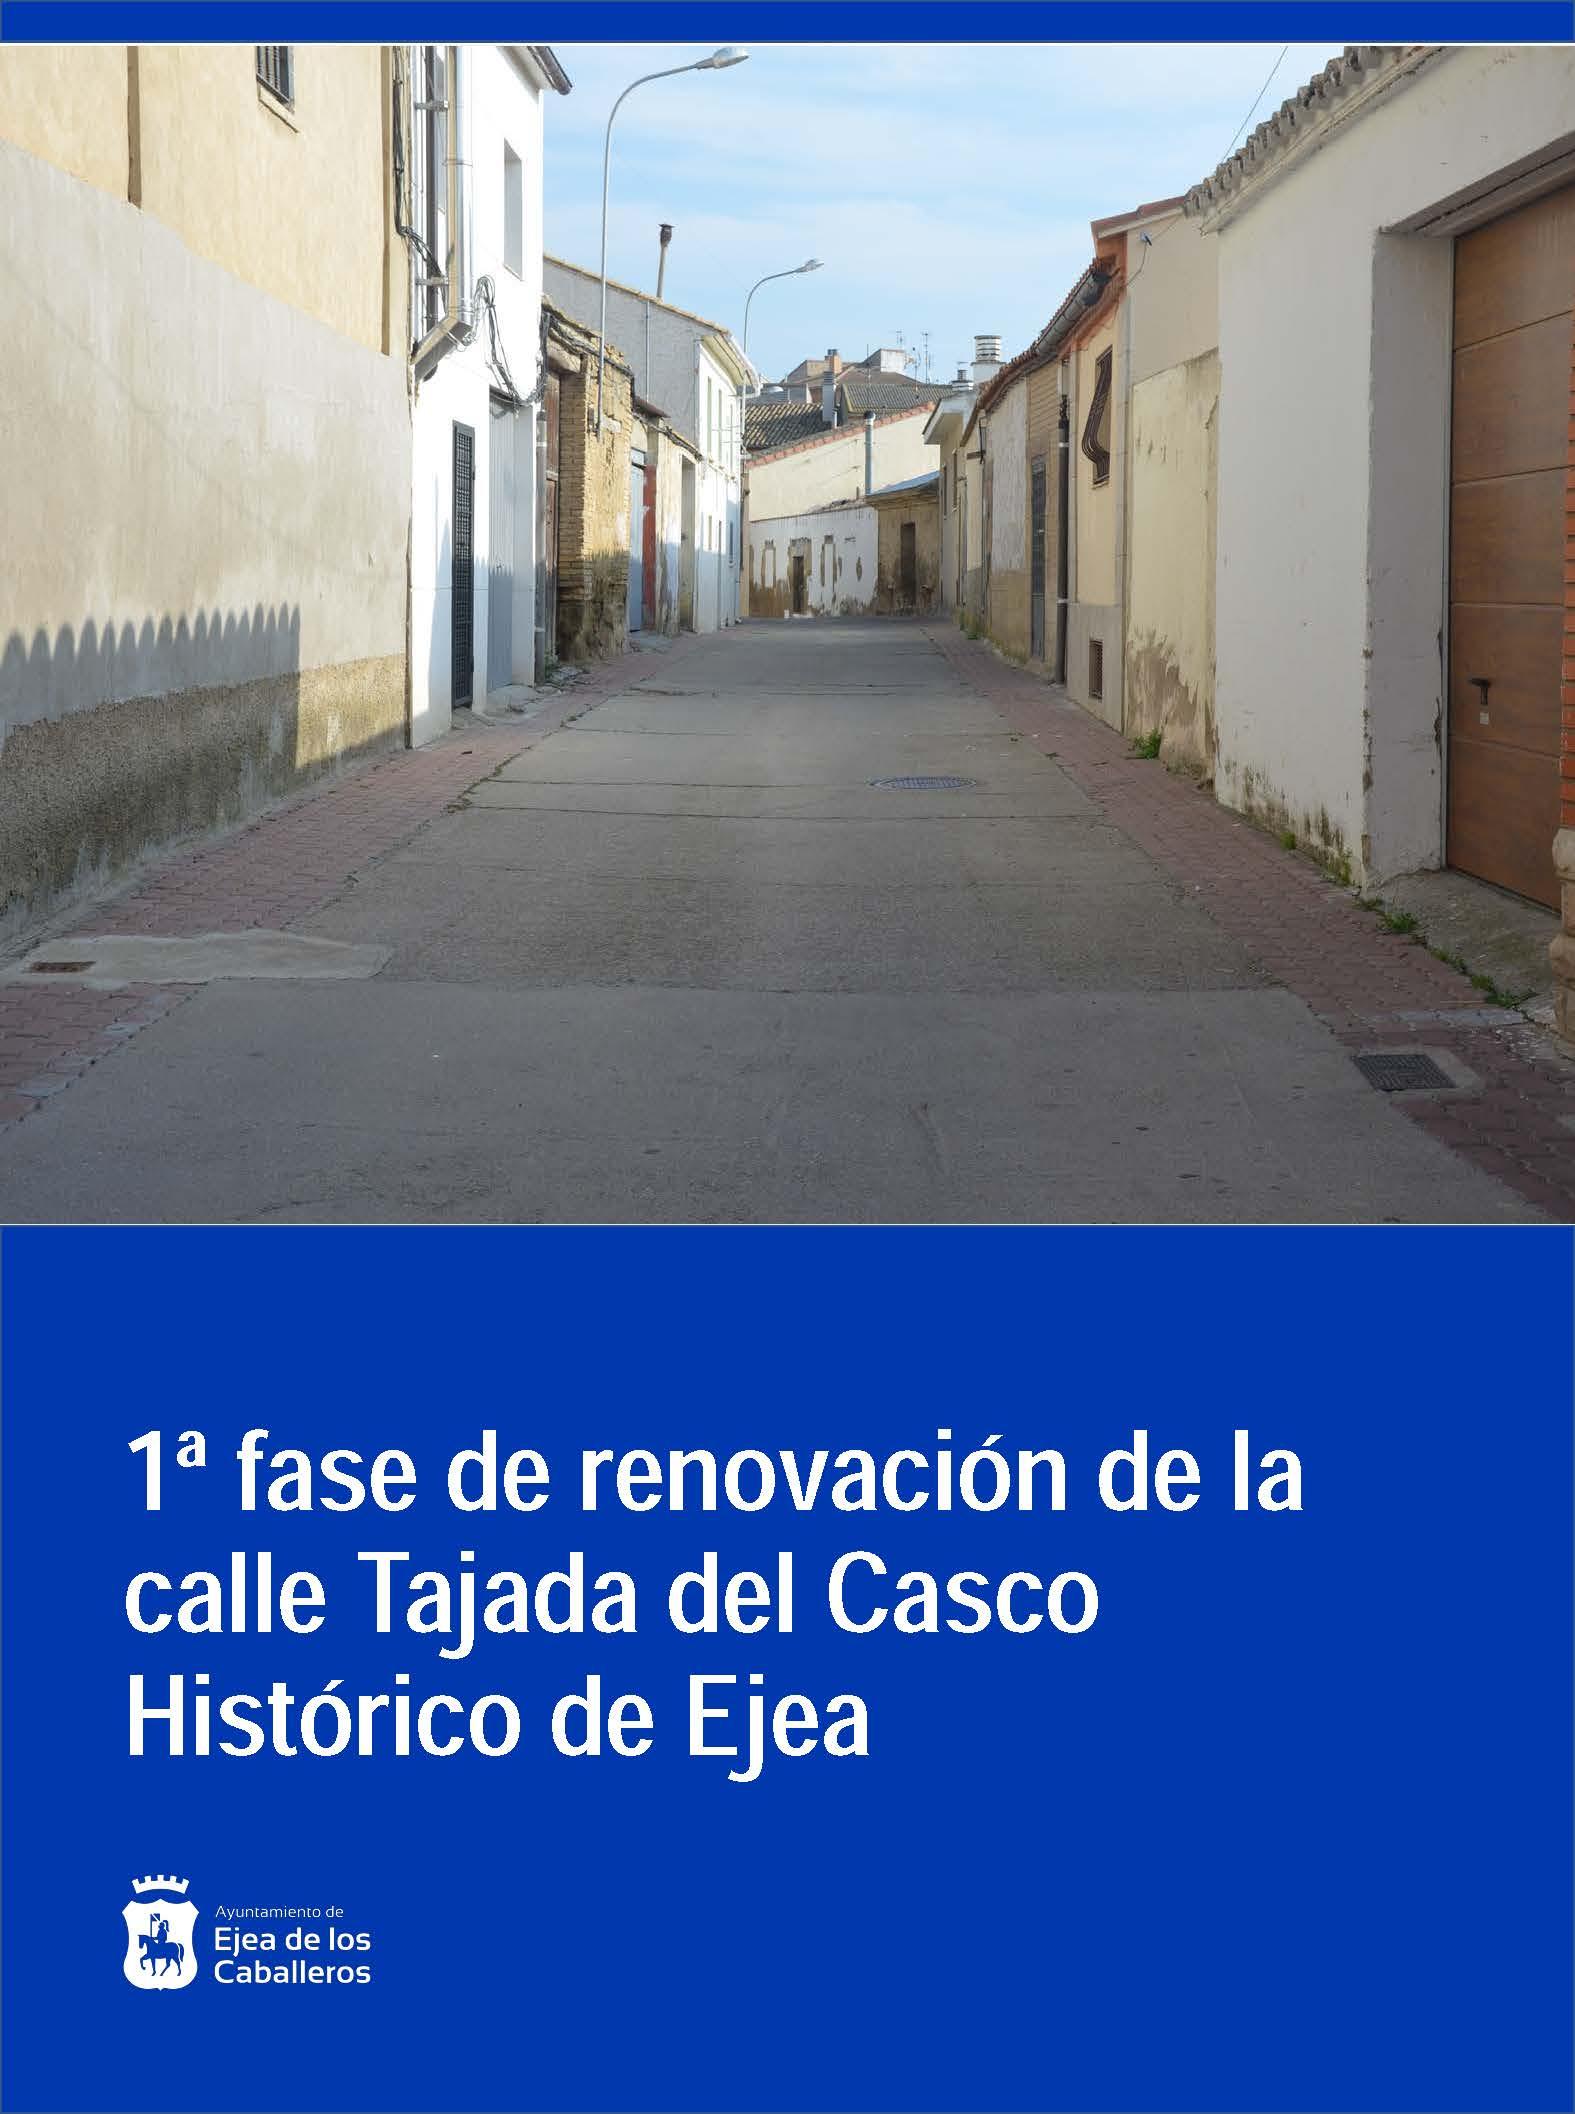 Renovación de la calle Tajada en Ejea